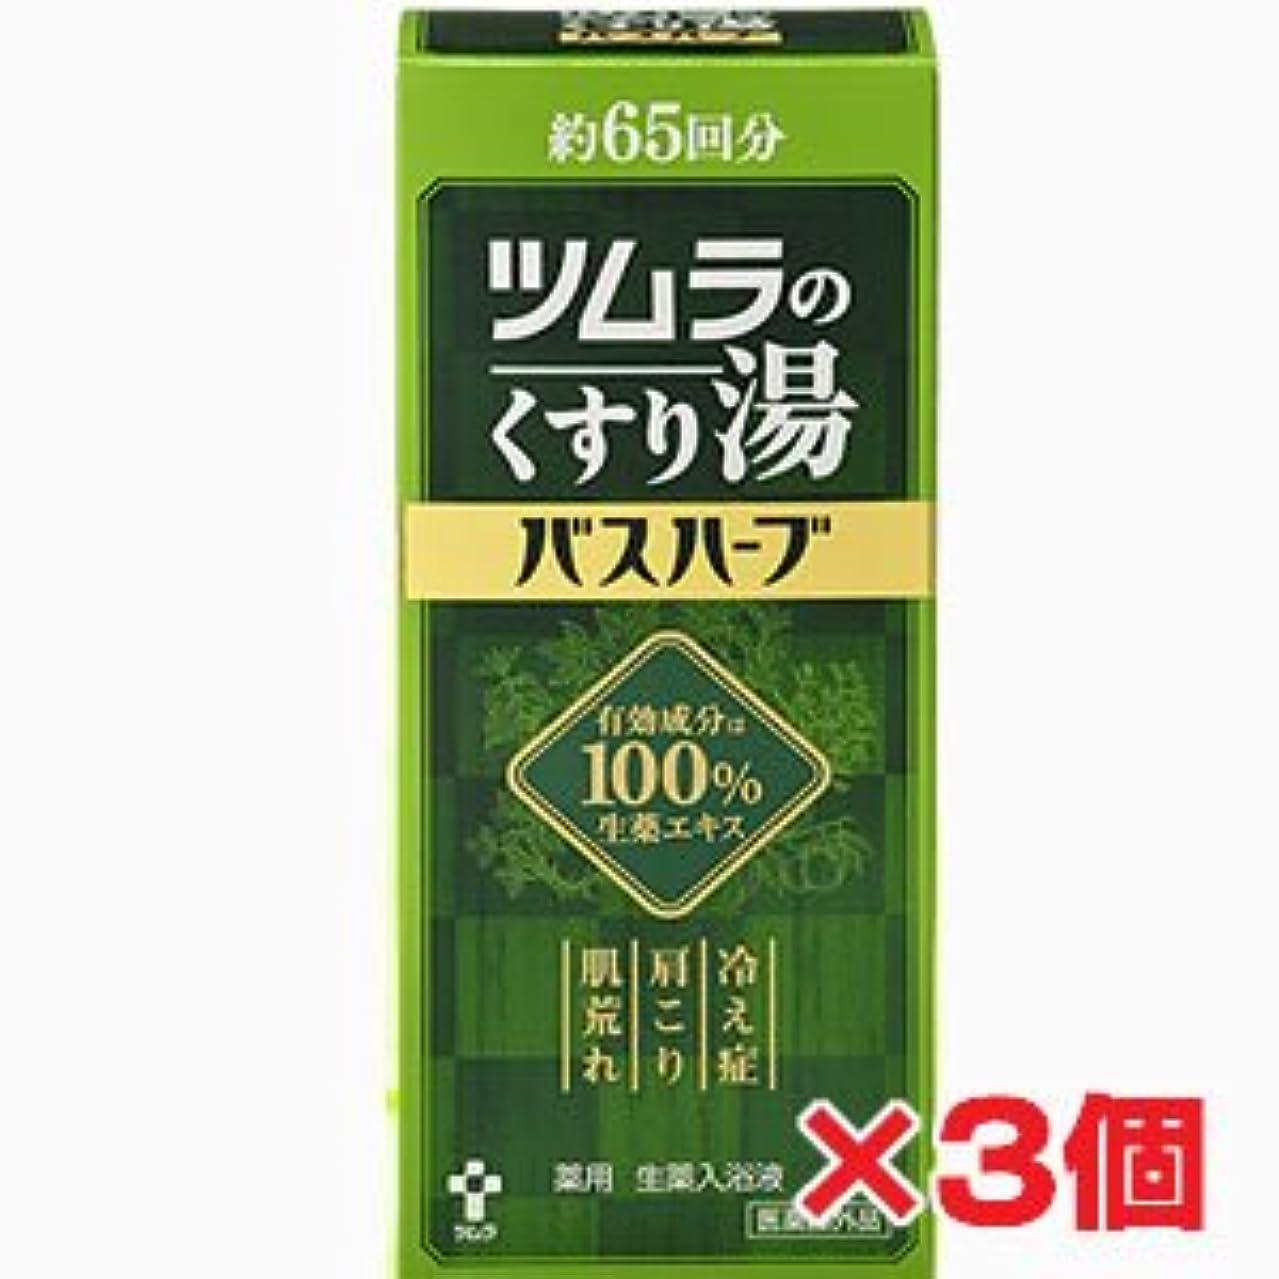 検体によるとカバー【3本】ツムラのくすり湯 バスハーブ 650ml×3本